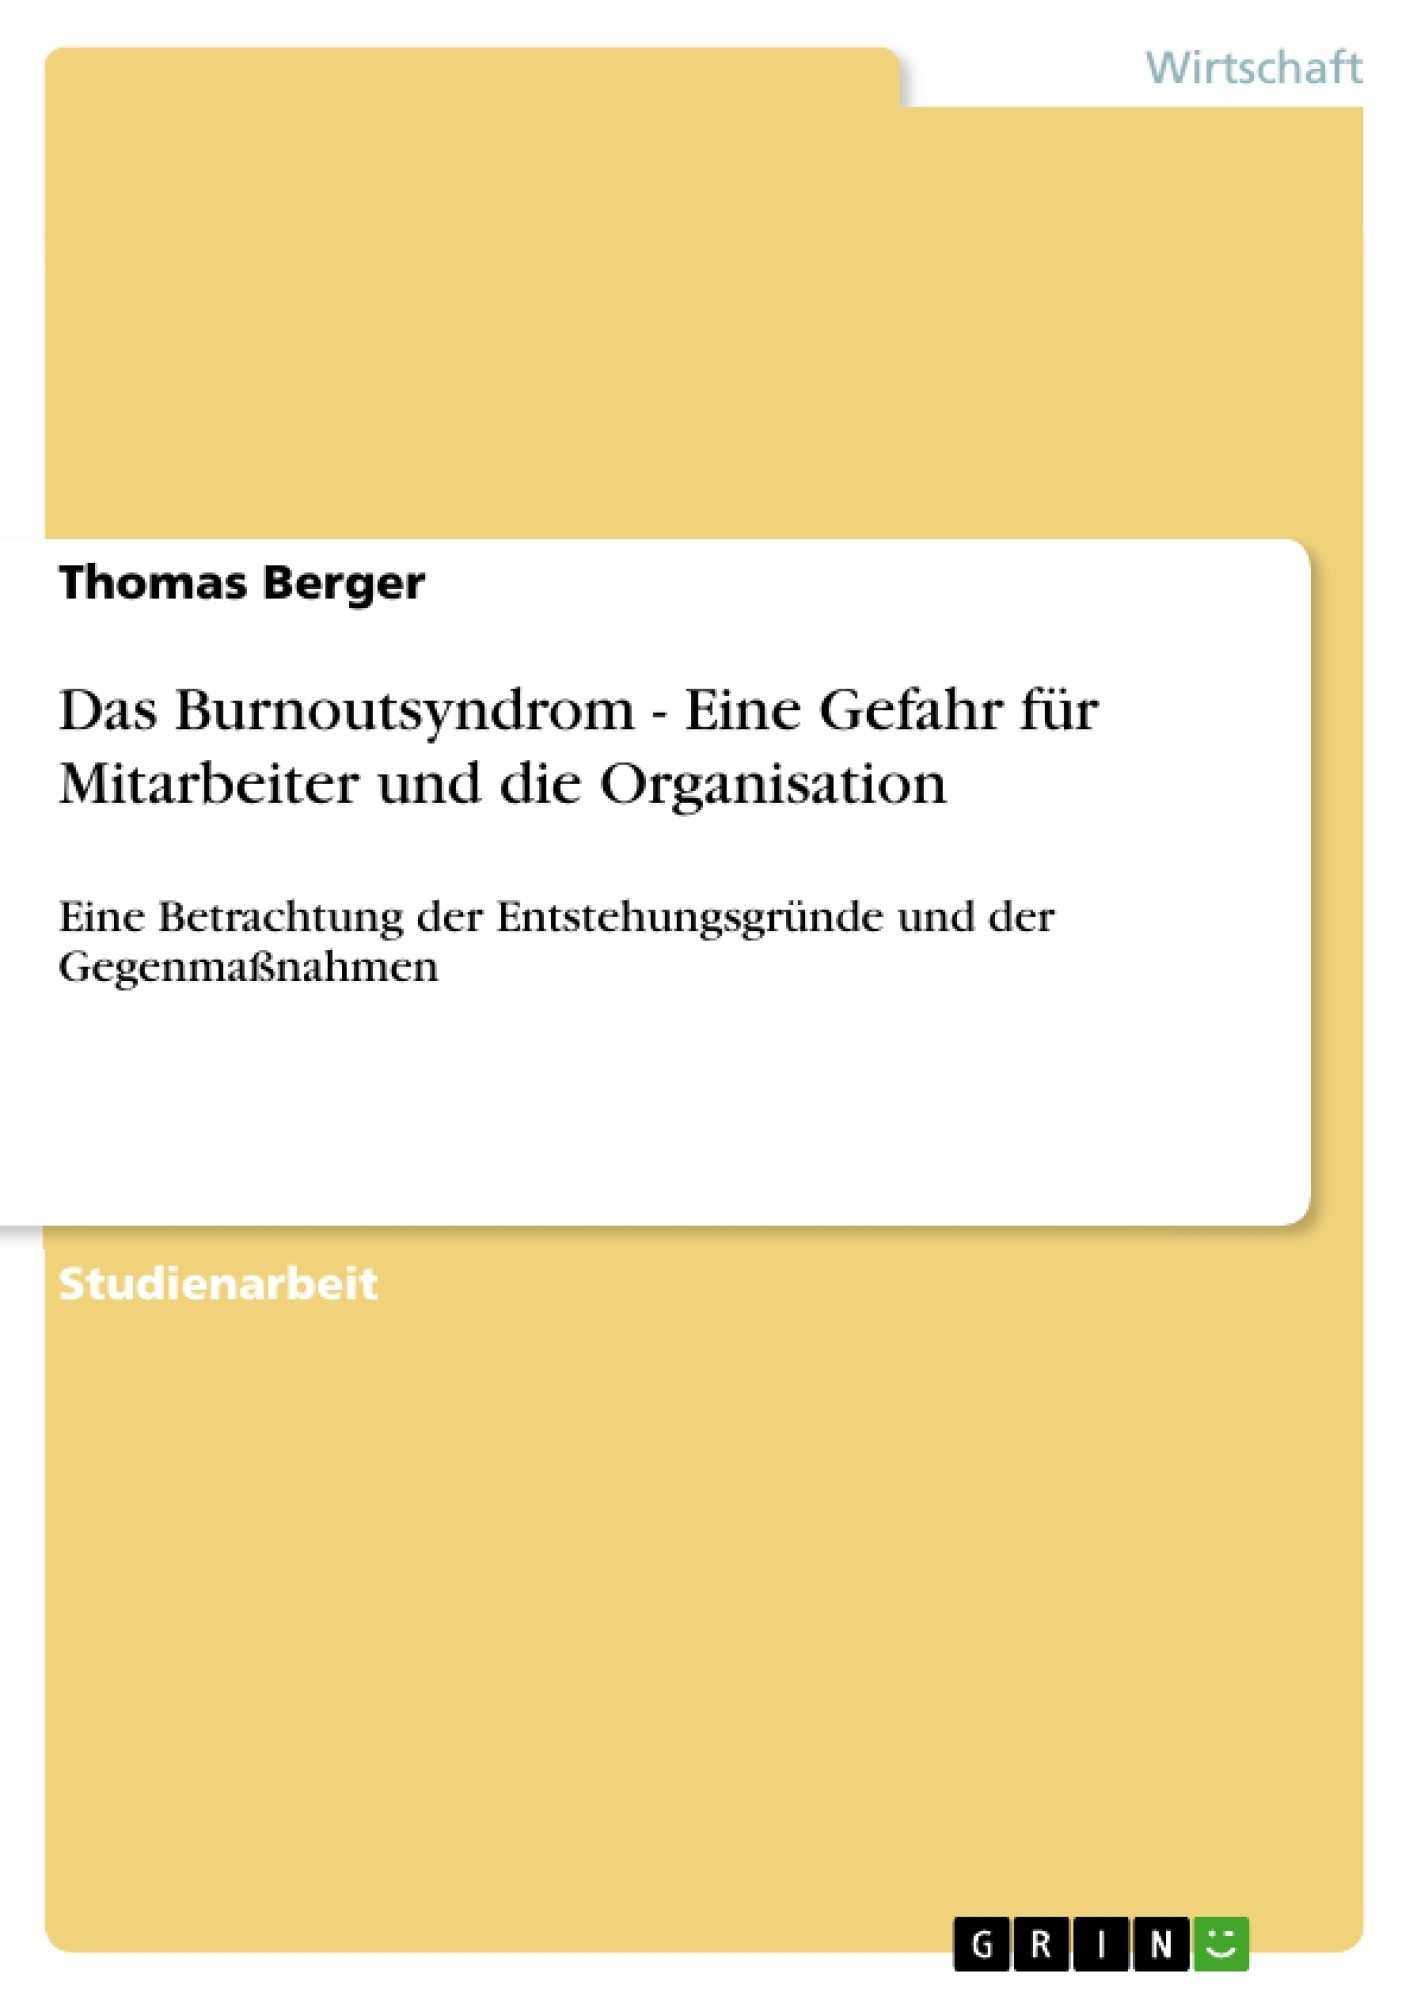 Titel: Das Burnoutsyndrom - Eine Gefahr für Mitarbeiter und die Organisation